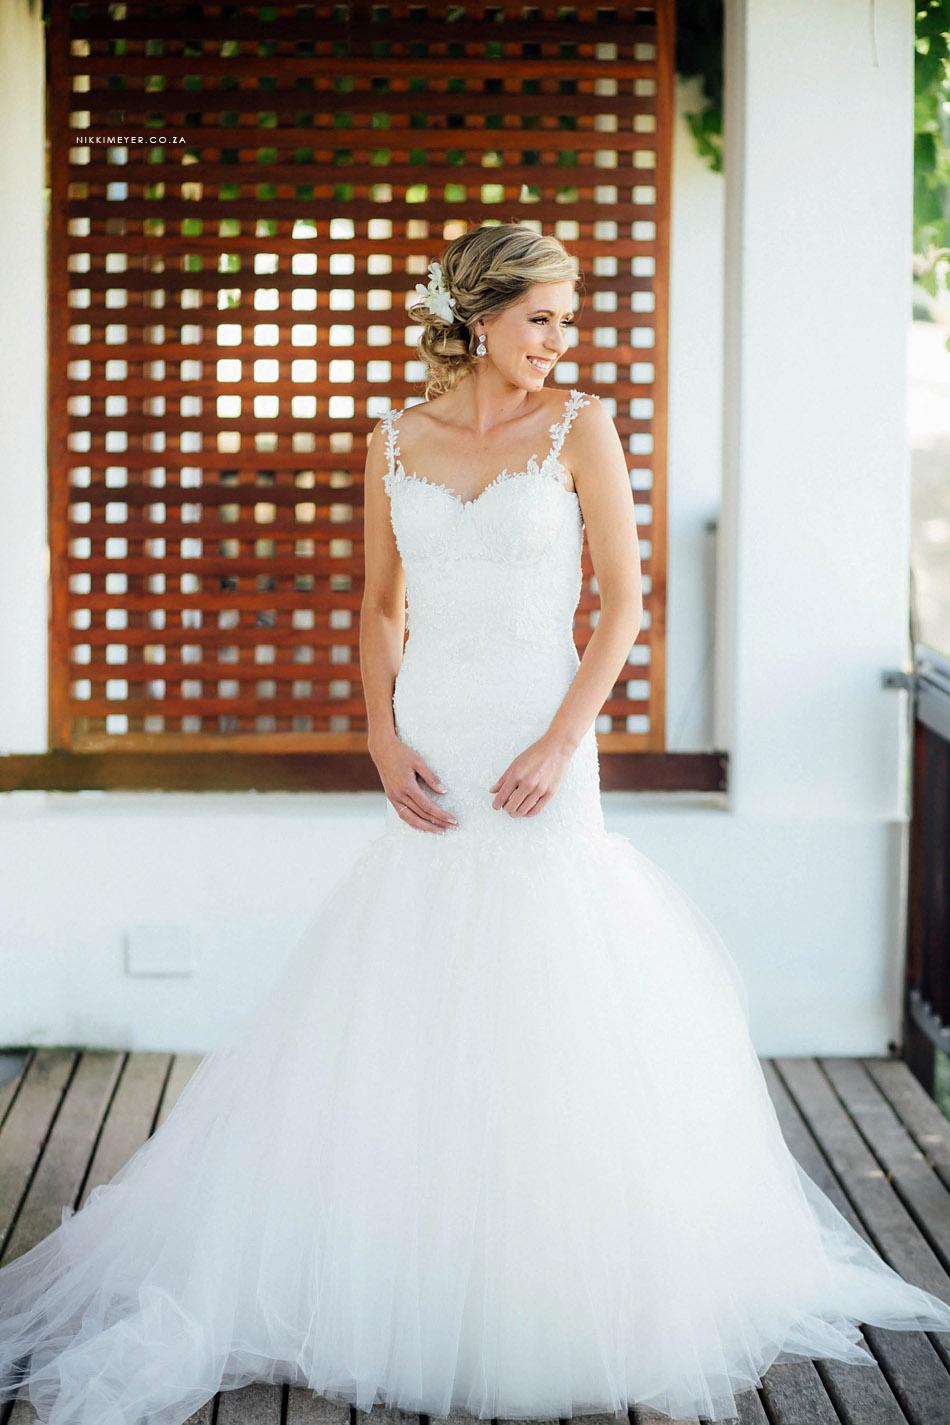 nikki_meyer_landtscap_winelands_wedding_012